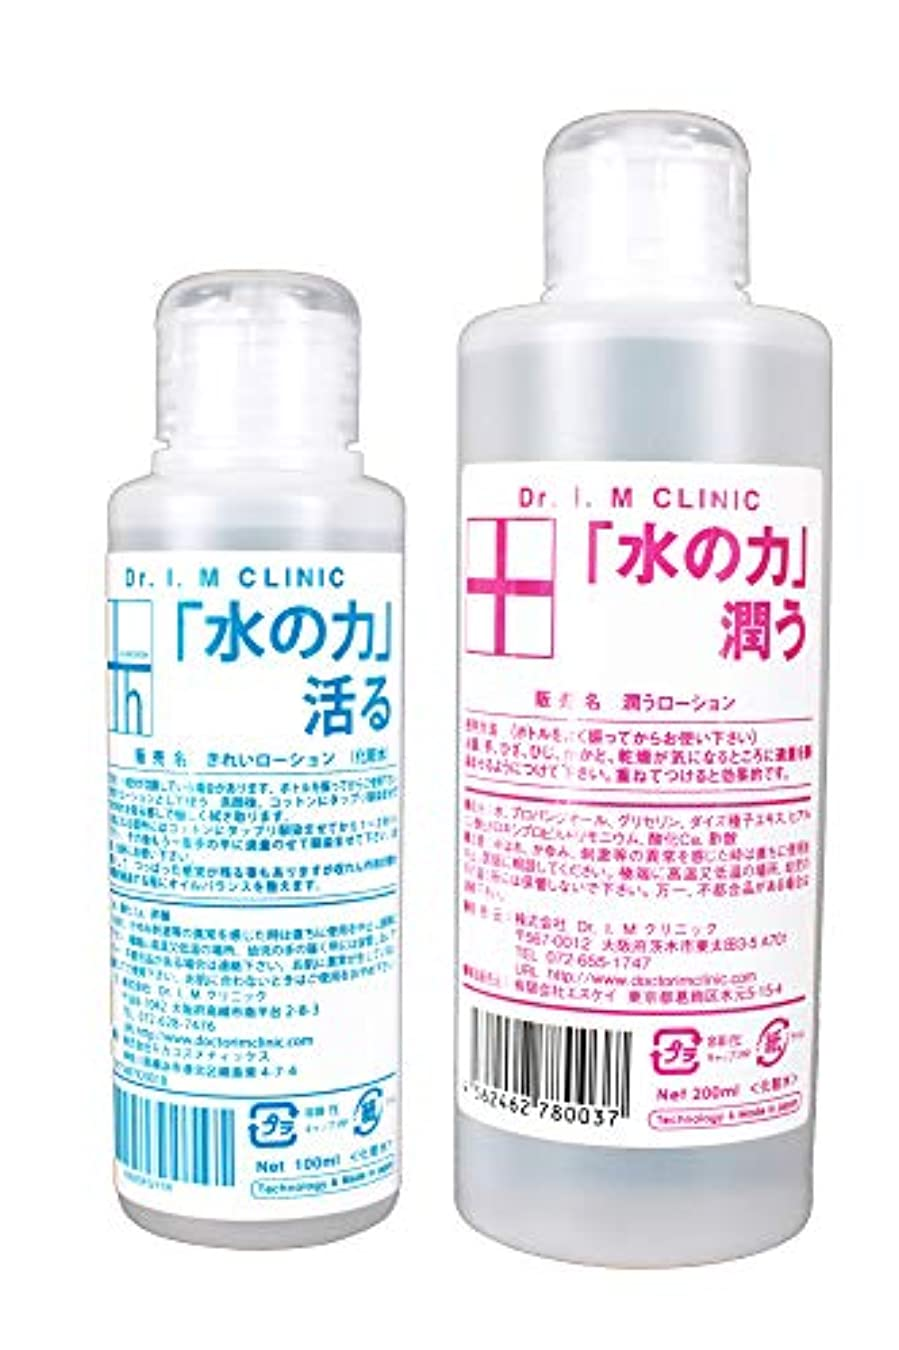 抑止する上添付きれい&潤うローション ベーシックセット(化粧水)[敏感肌にも使える] [肌環境を整える]